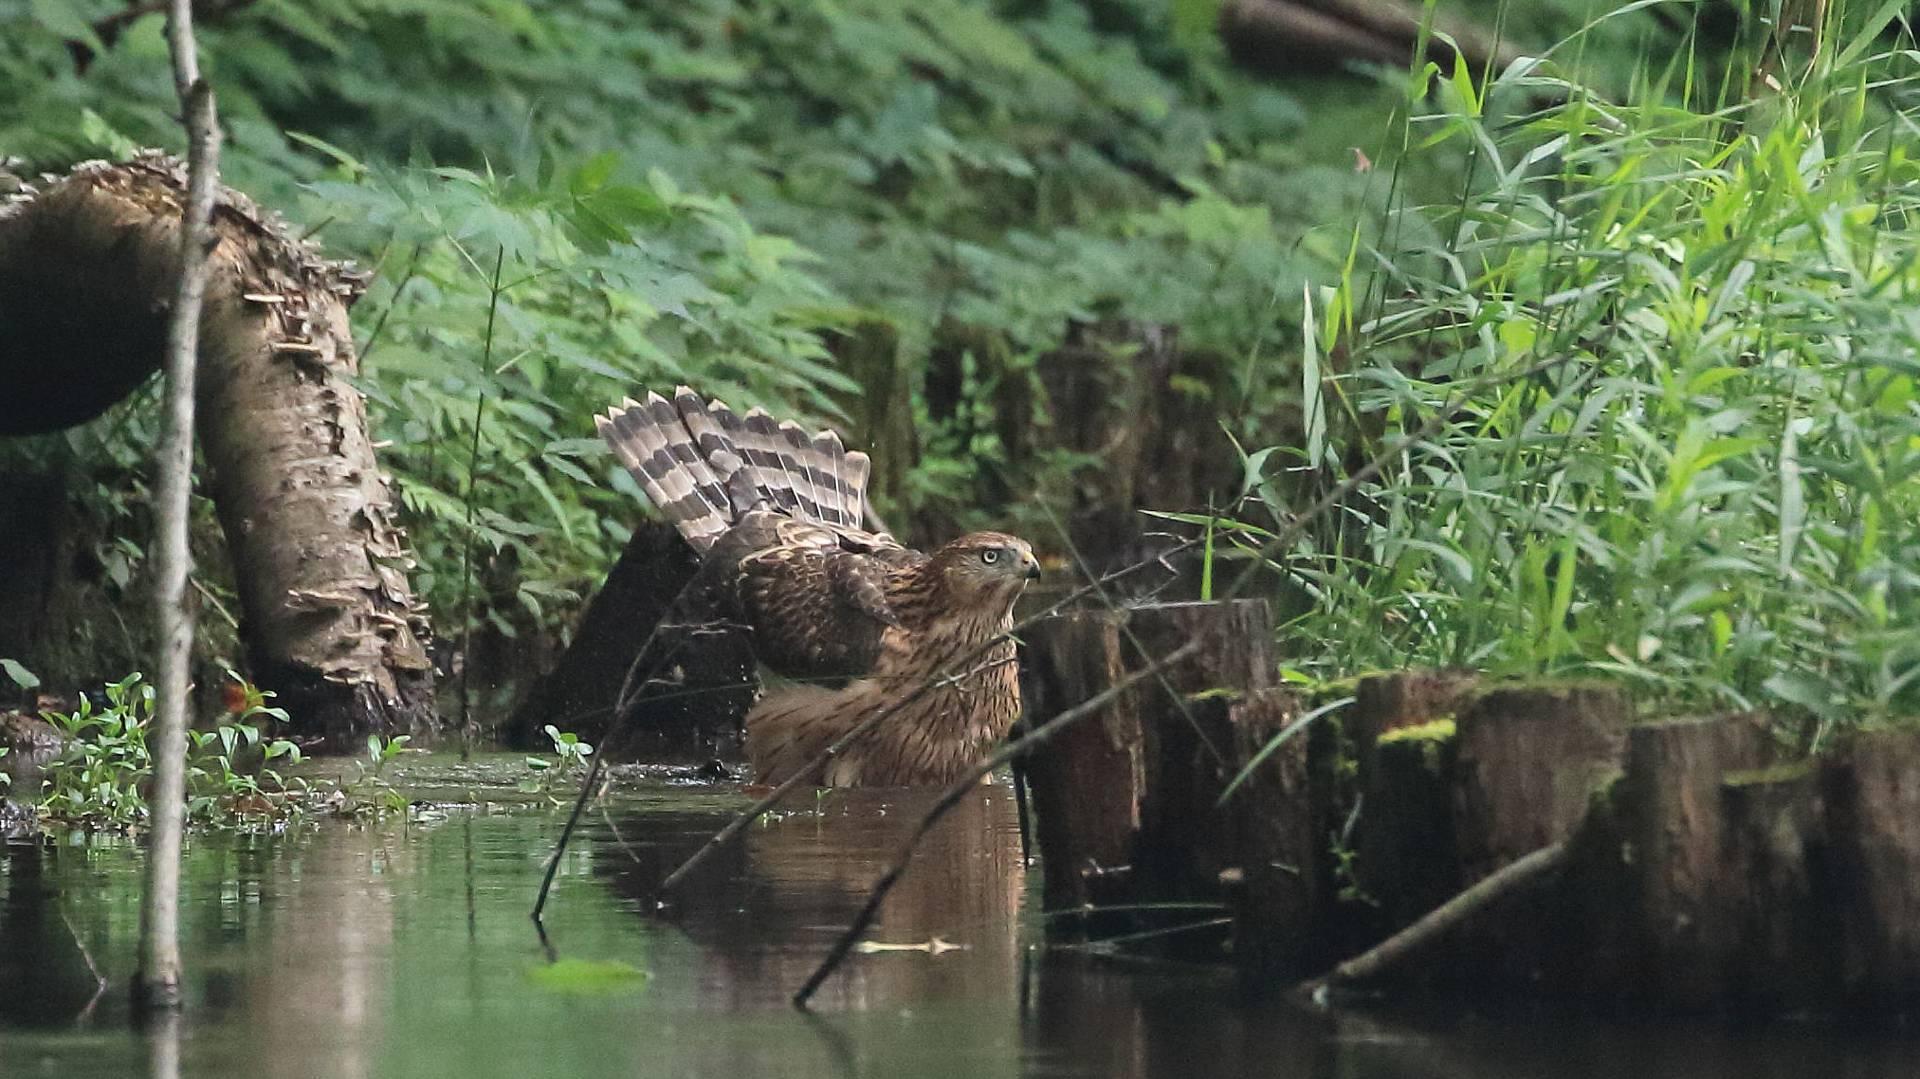 オオタカ幼鳥の水浴びは足元を濡らす程度?_f0105570_21521530.jpg